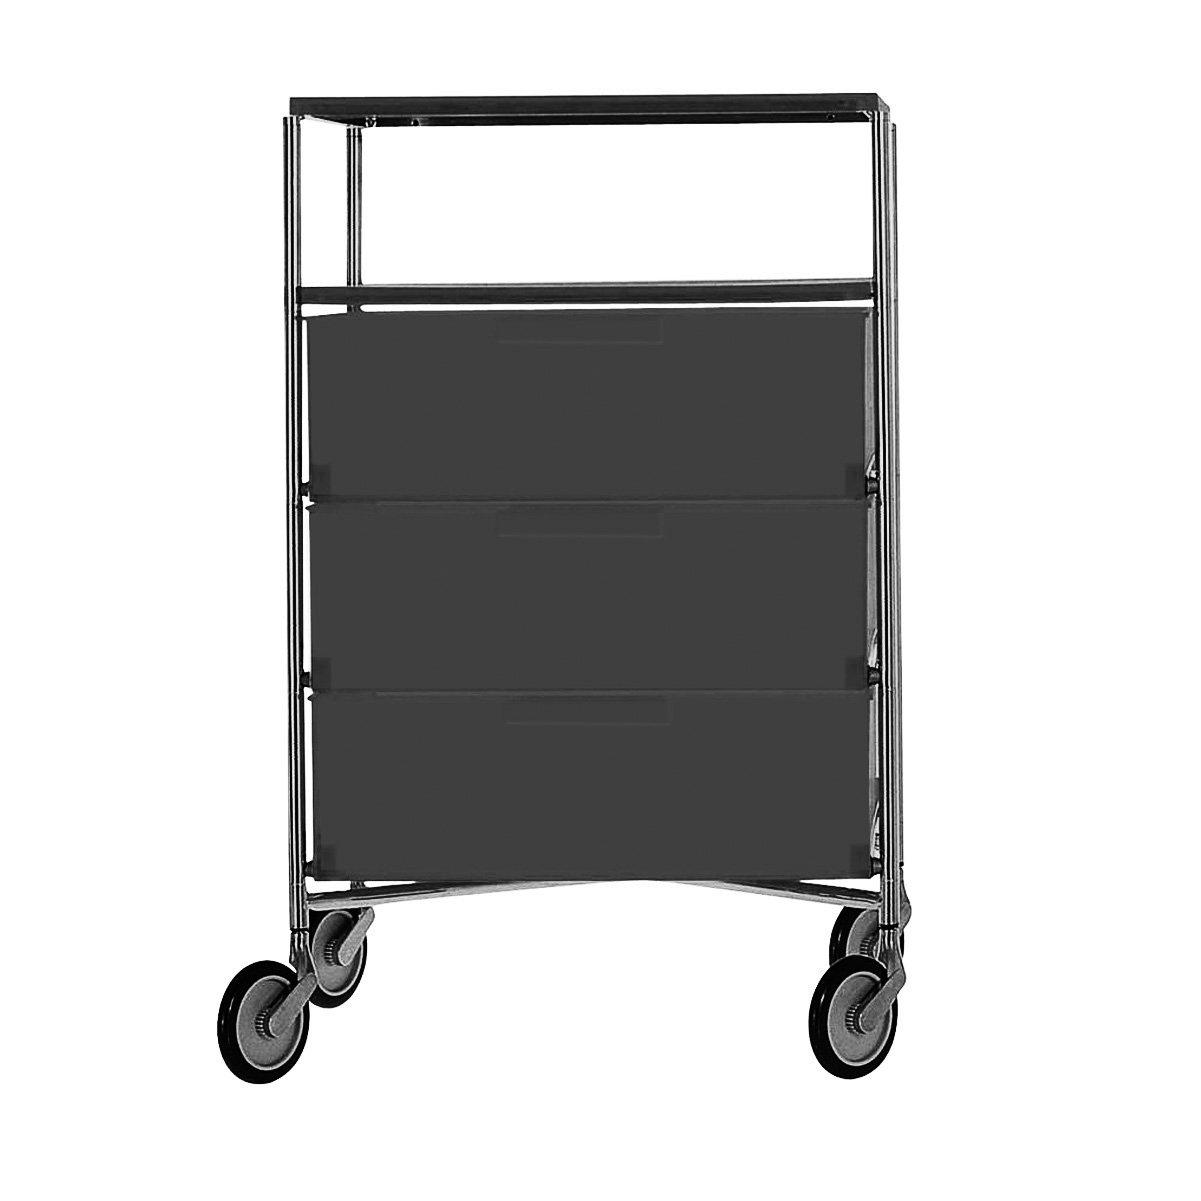 Kartell 2020L5 Container Mobil, 4 Schubladen, matt schiefergrau